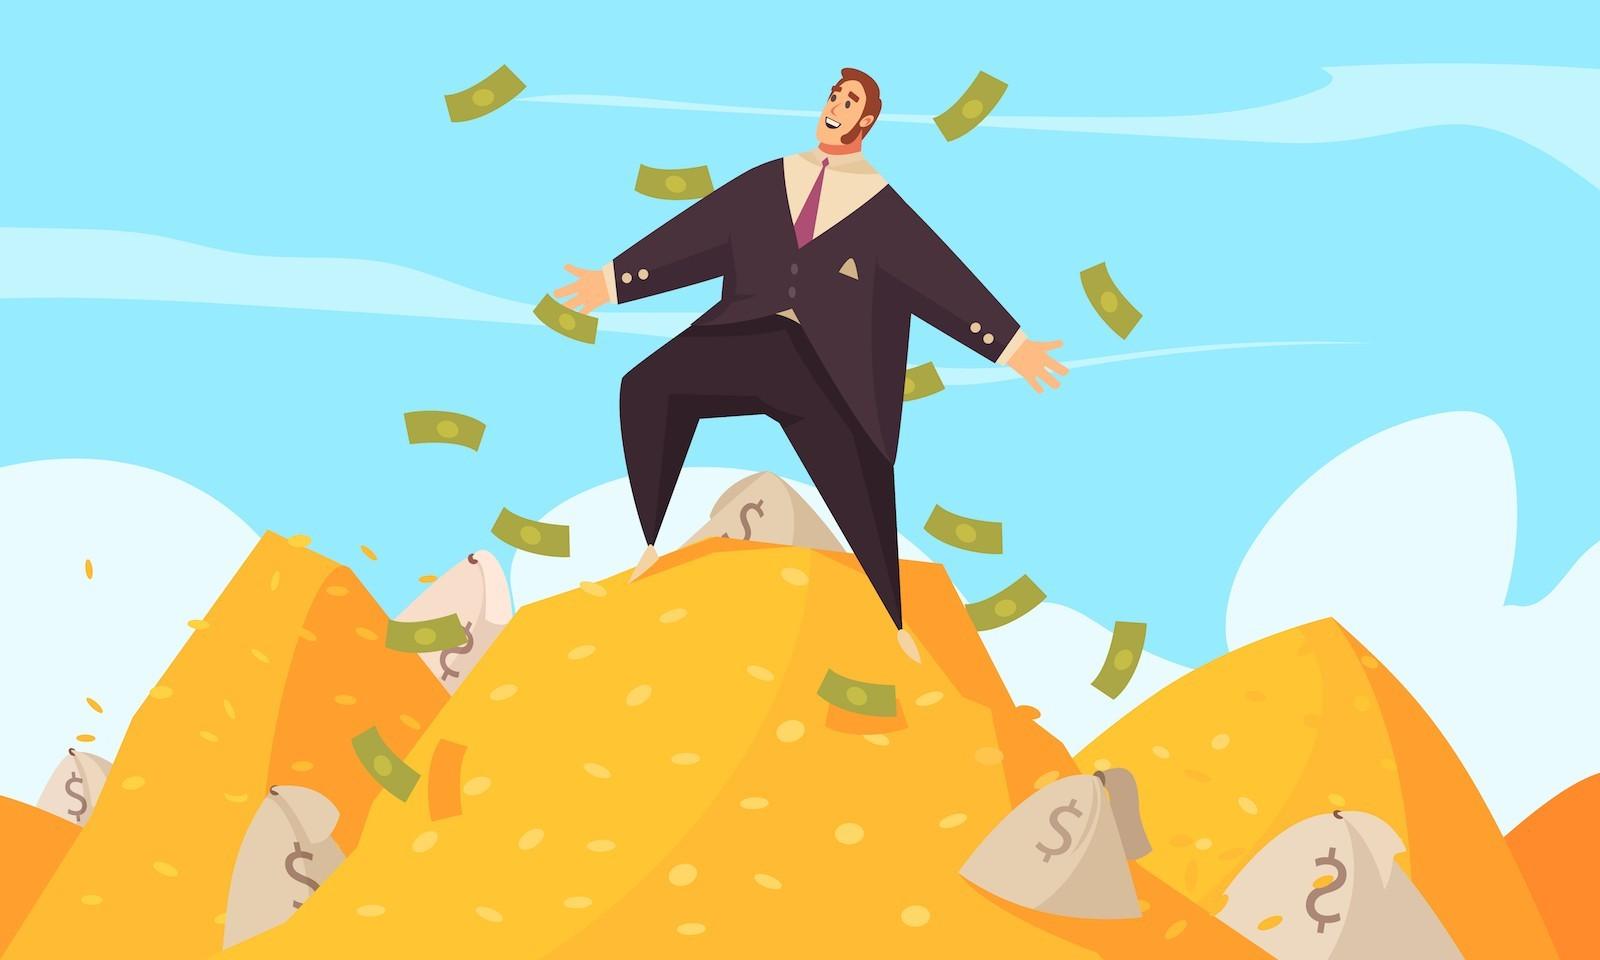 Как повысить свои шансы на одобрение кредита в любом банке? 7 эффективных рекомендаций